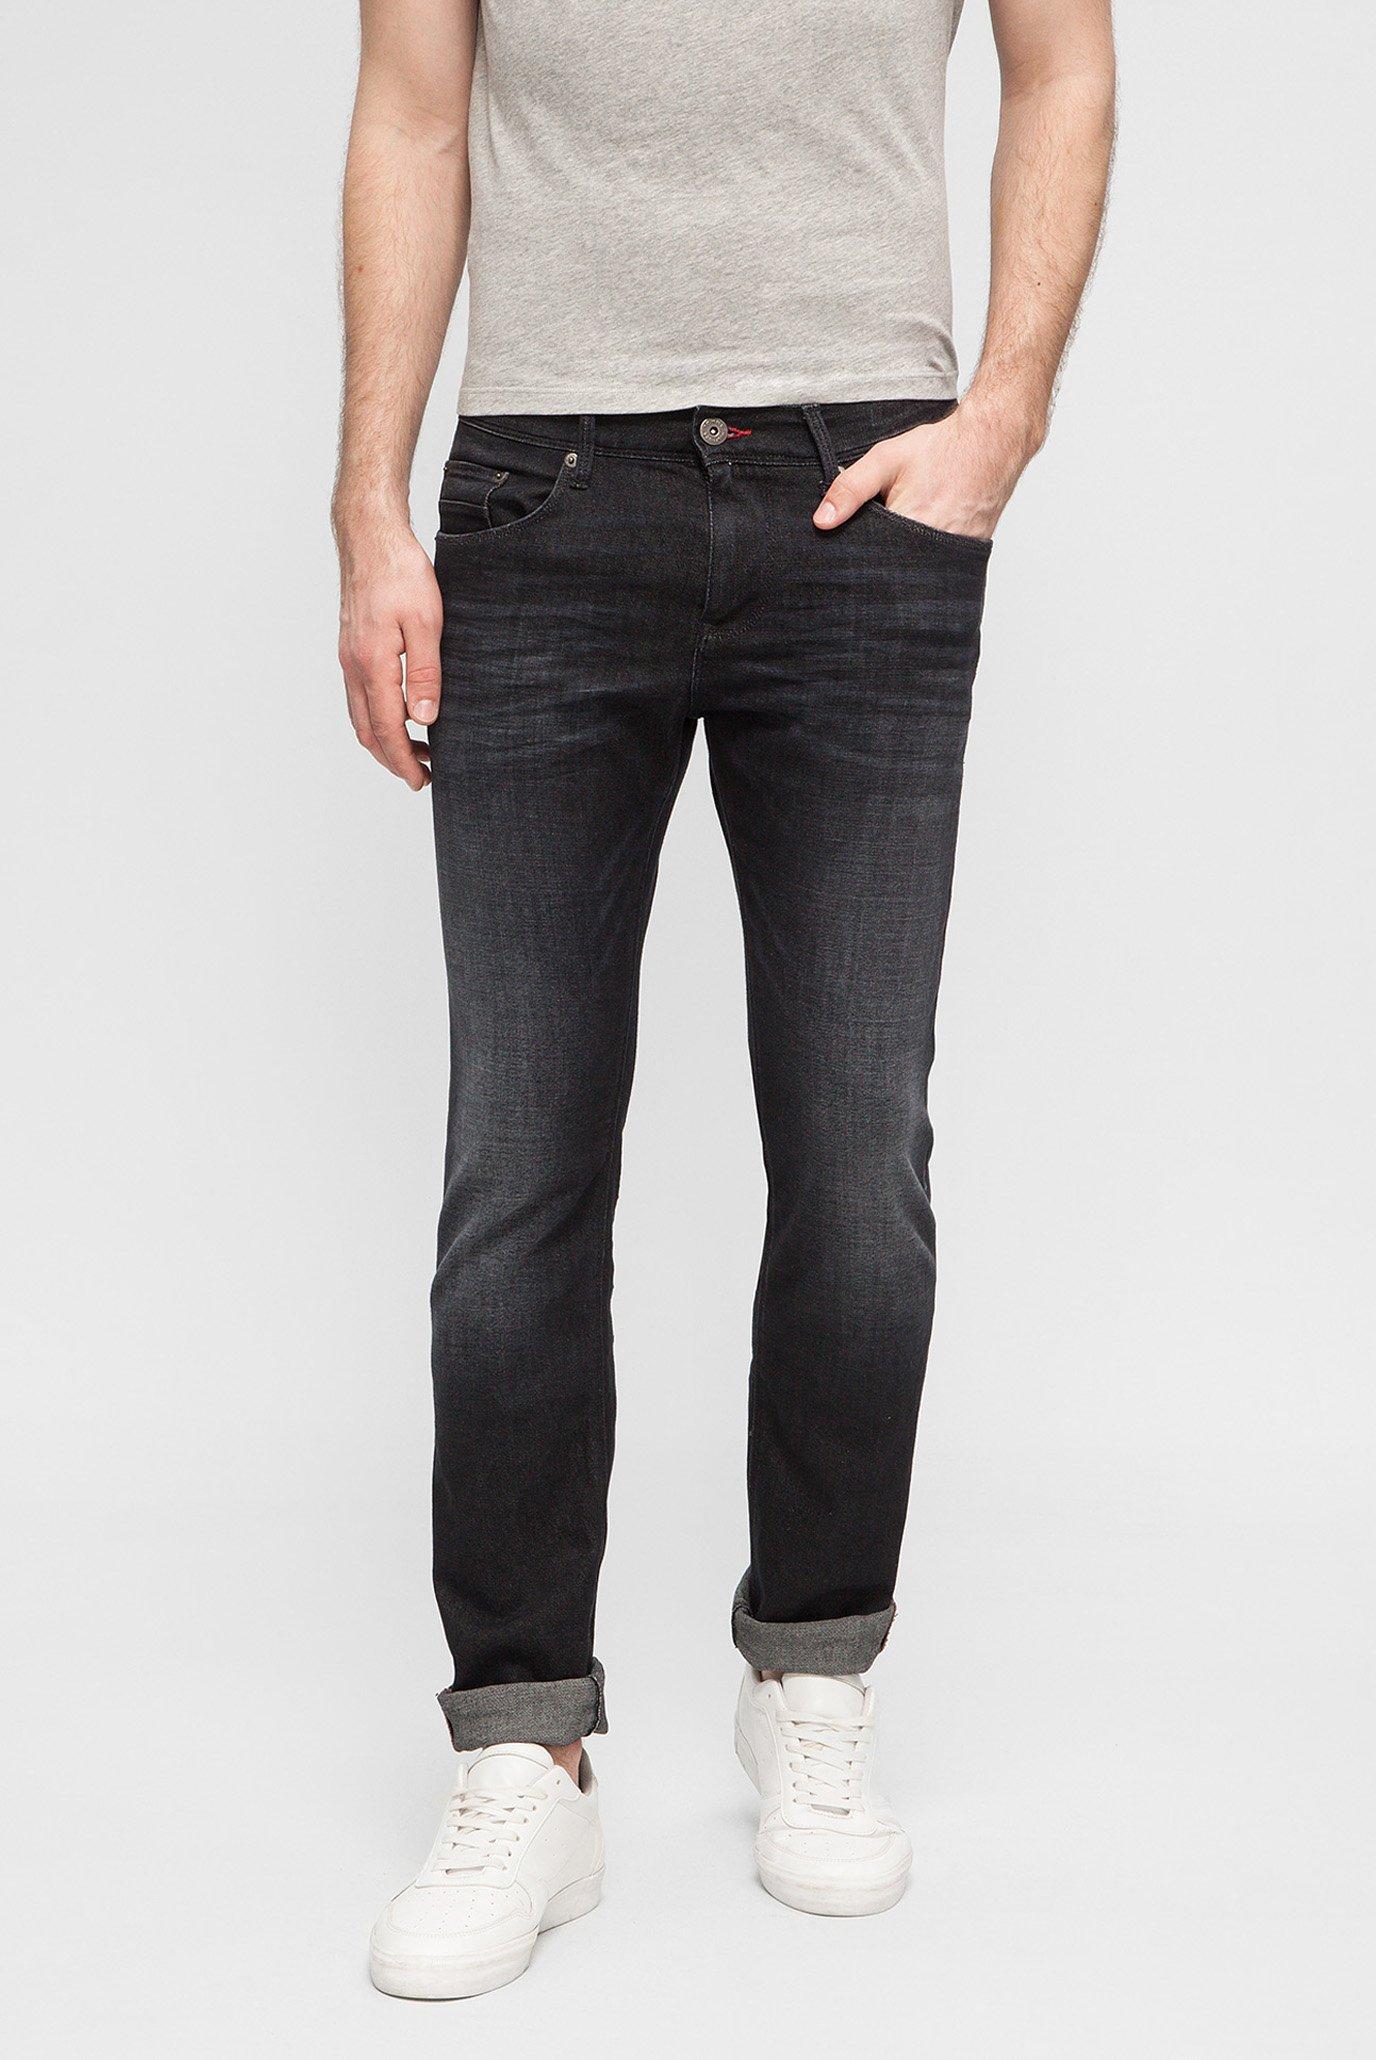 Купить Мужские темно-серые джинсы BLEECKER Tommy Hilfiger Tommy Hilfiger MW0MW06371 – Киев, Украина. Цены в интернет магазине MD Fashion